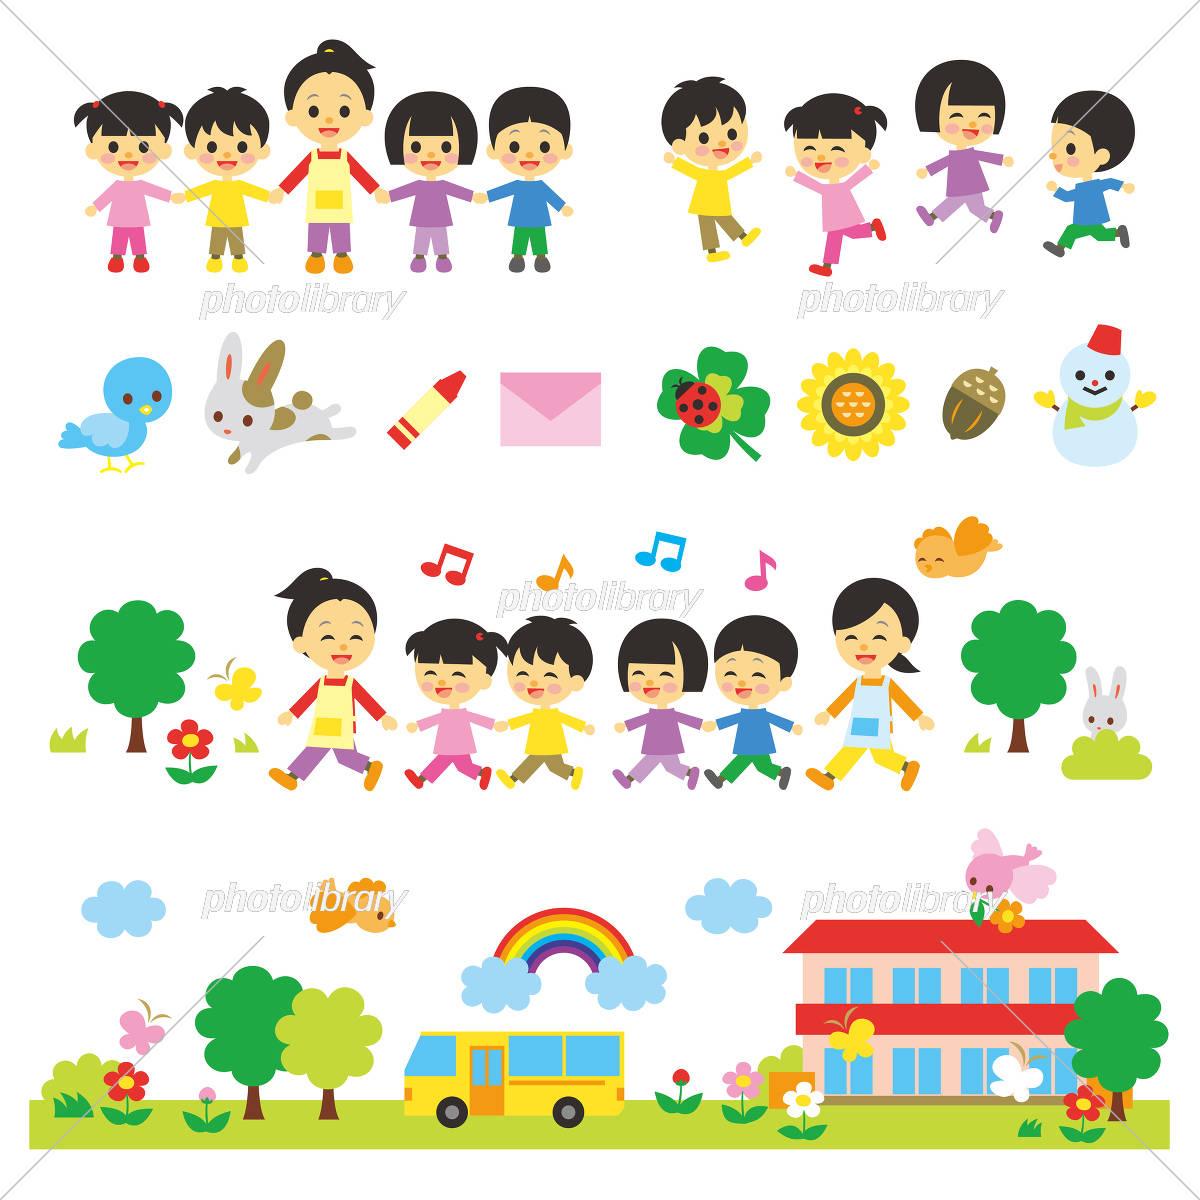 保育園 幼稚園 子供 セット イラスト素材 [ 5189732 ] - フォトライブ